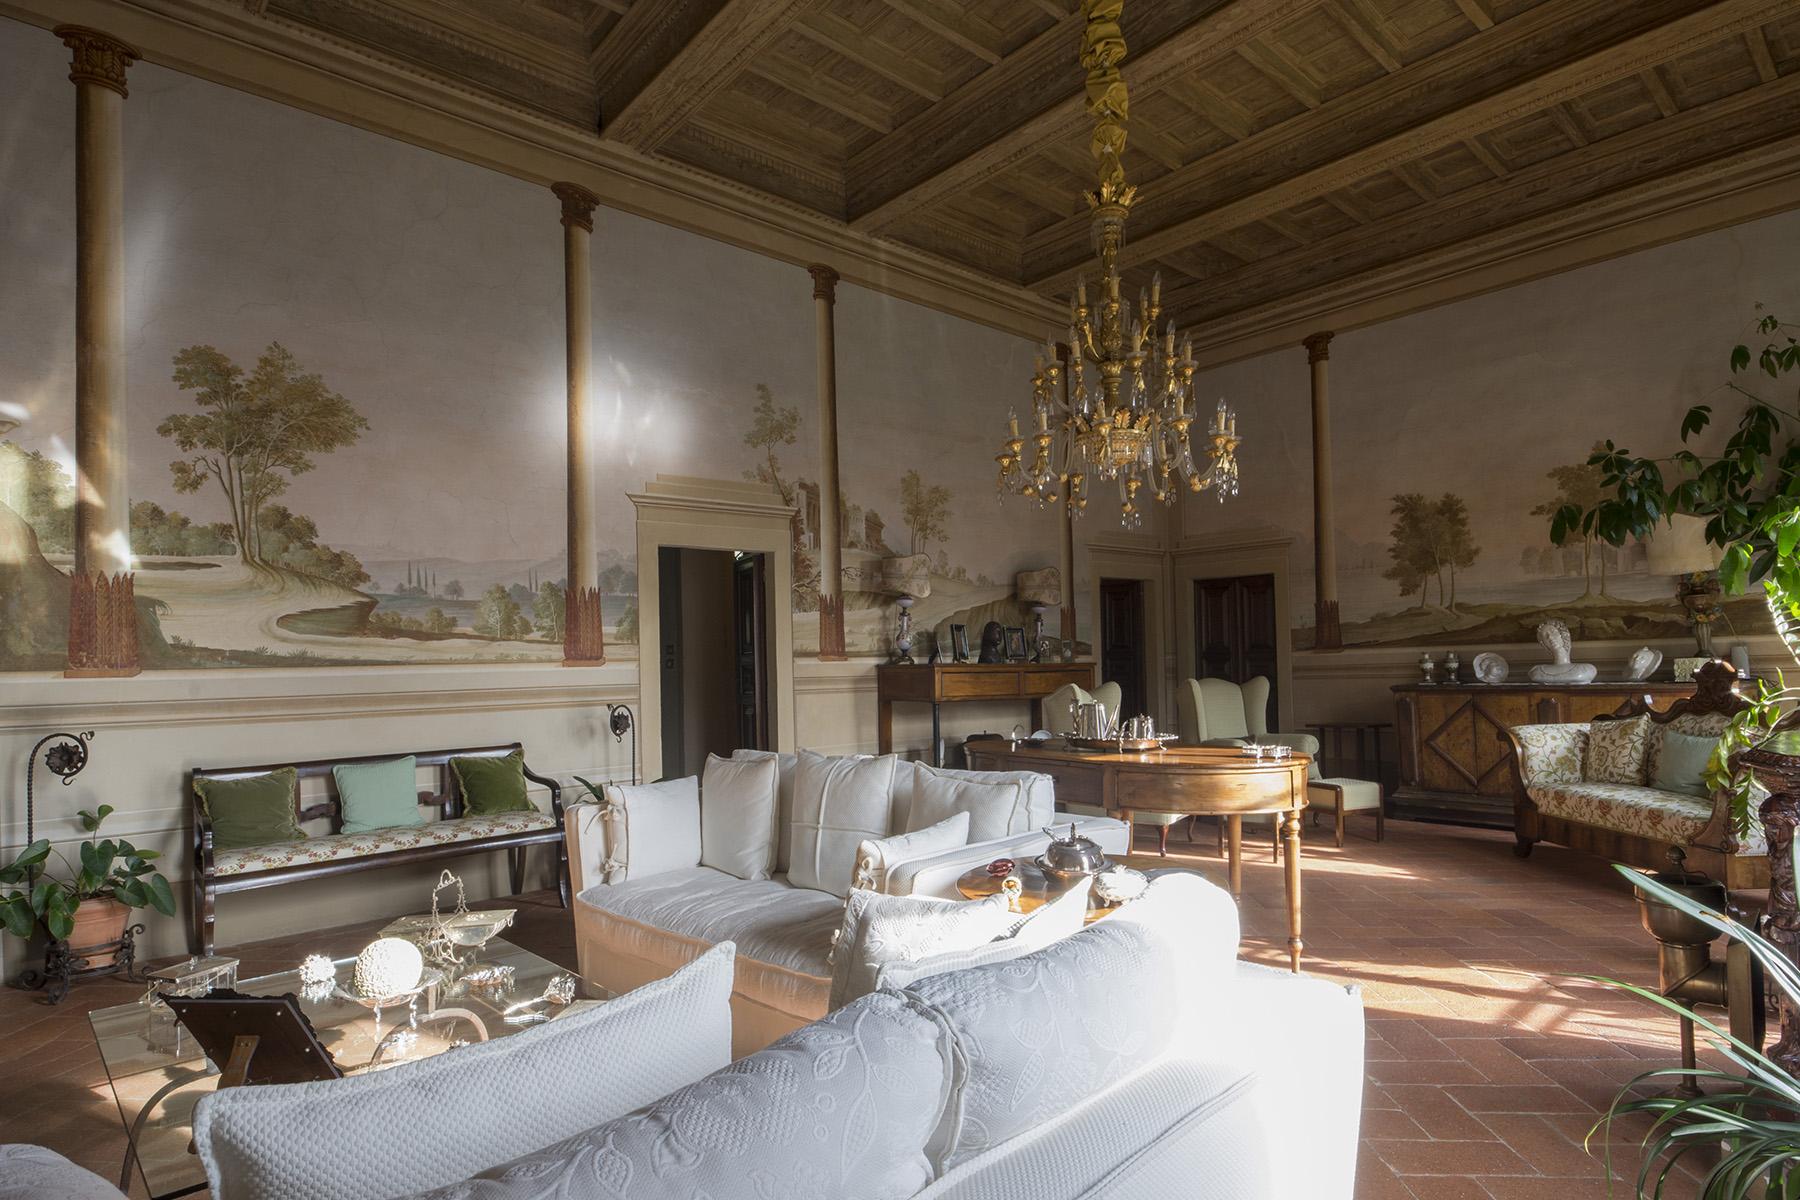 Casa indipendente in Vendita a Pistoia via del cerro